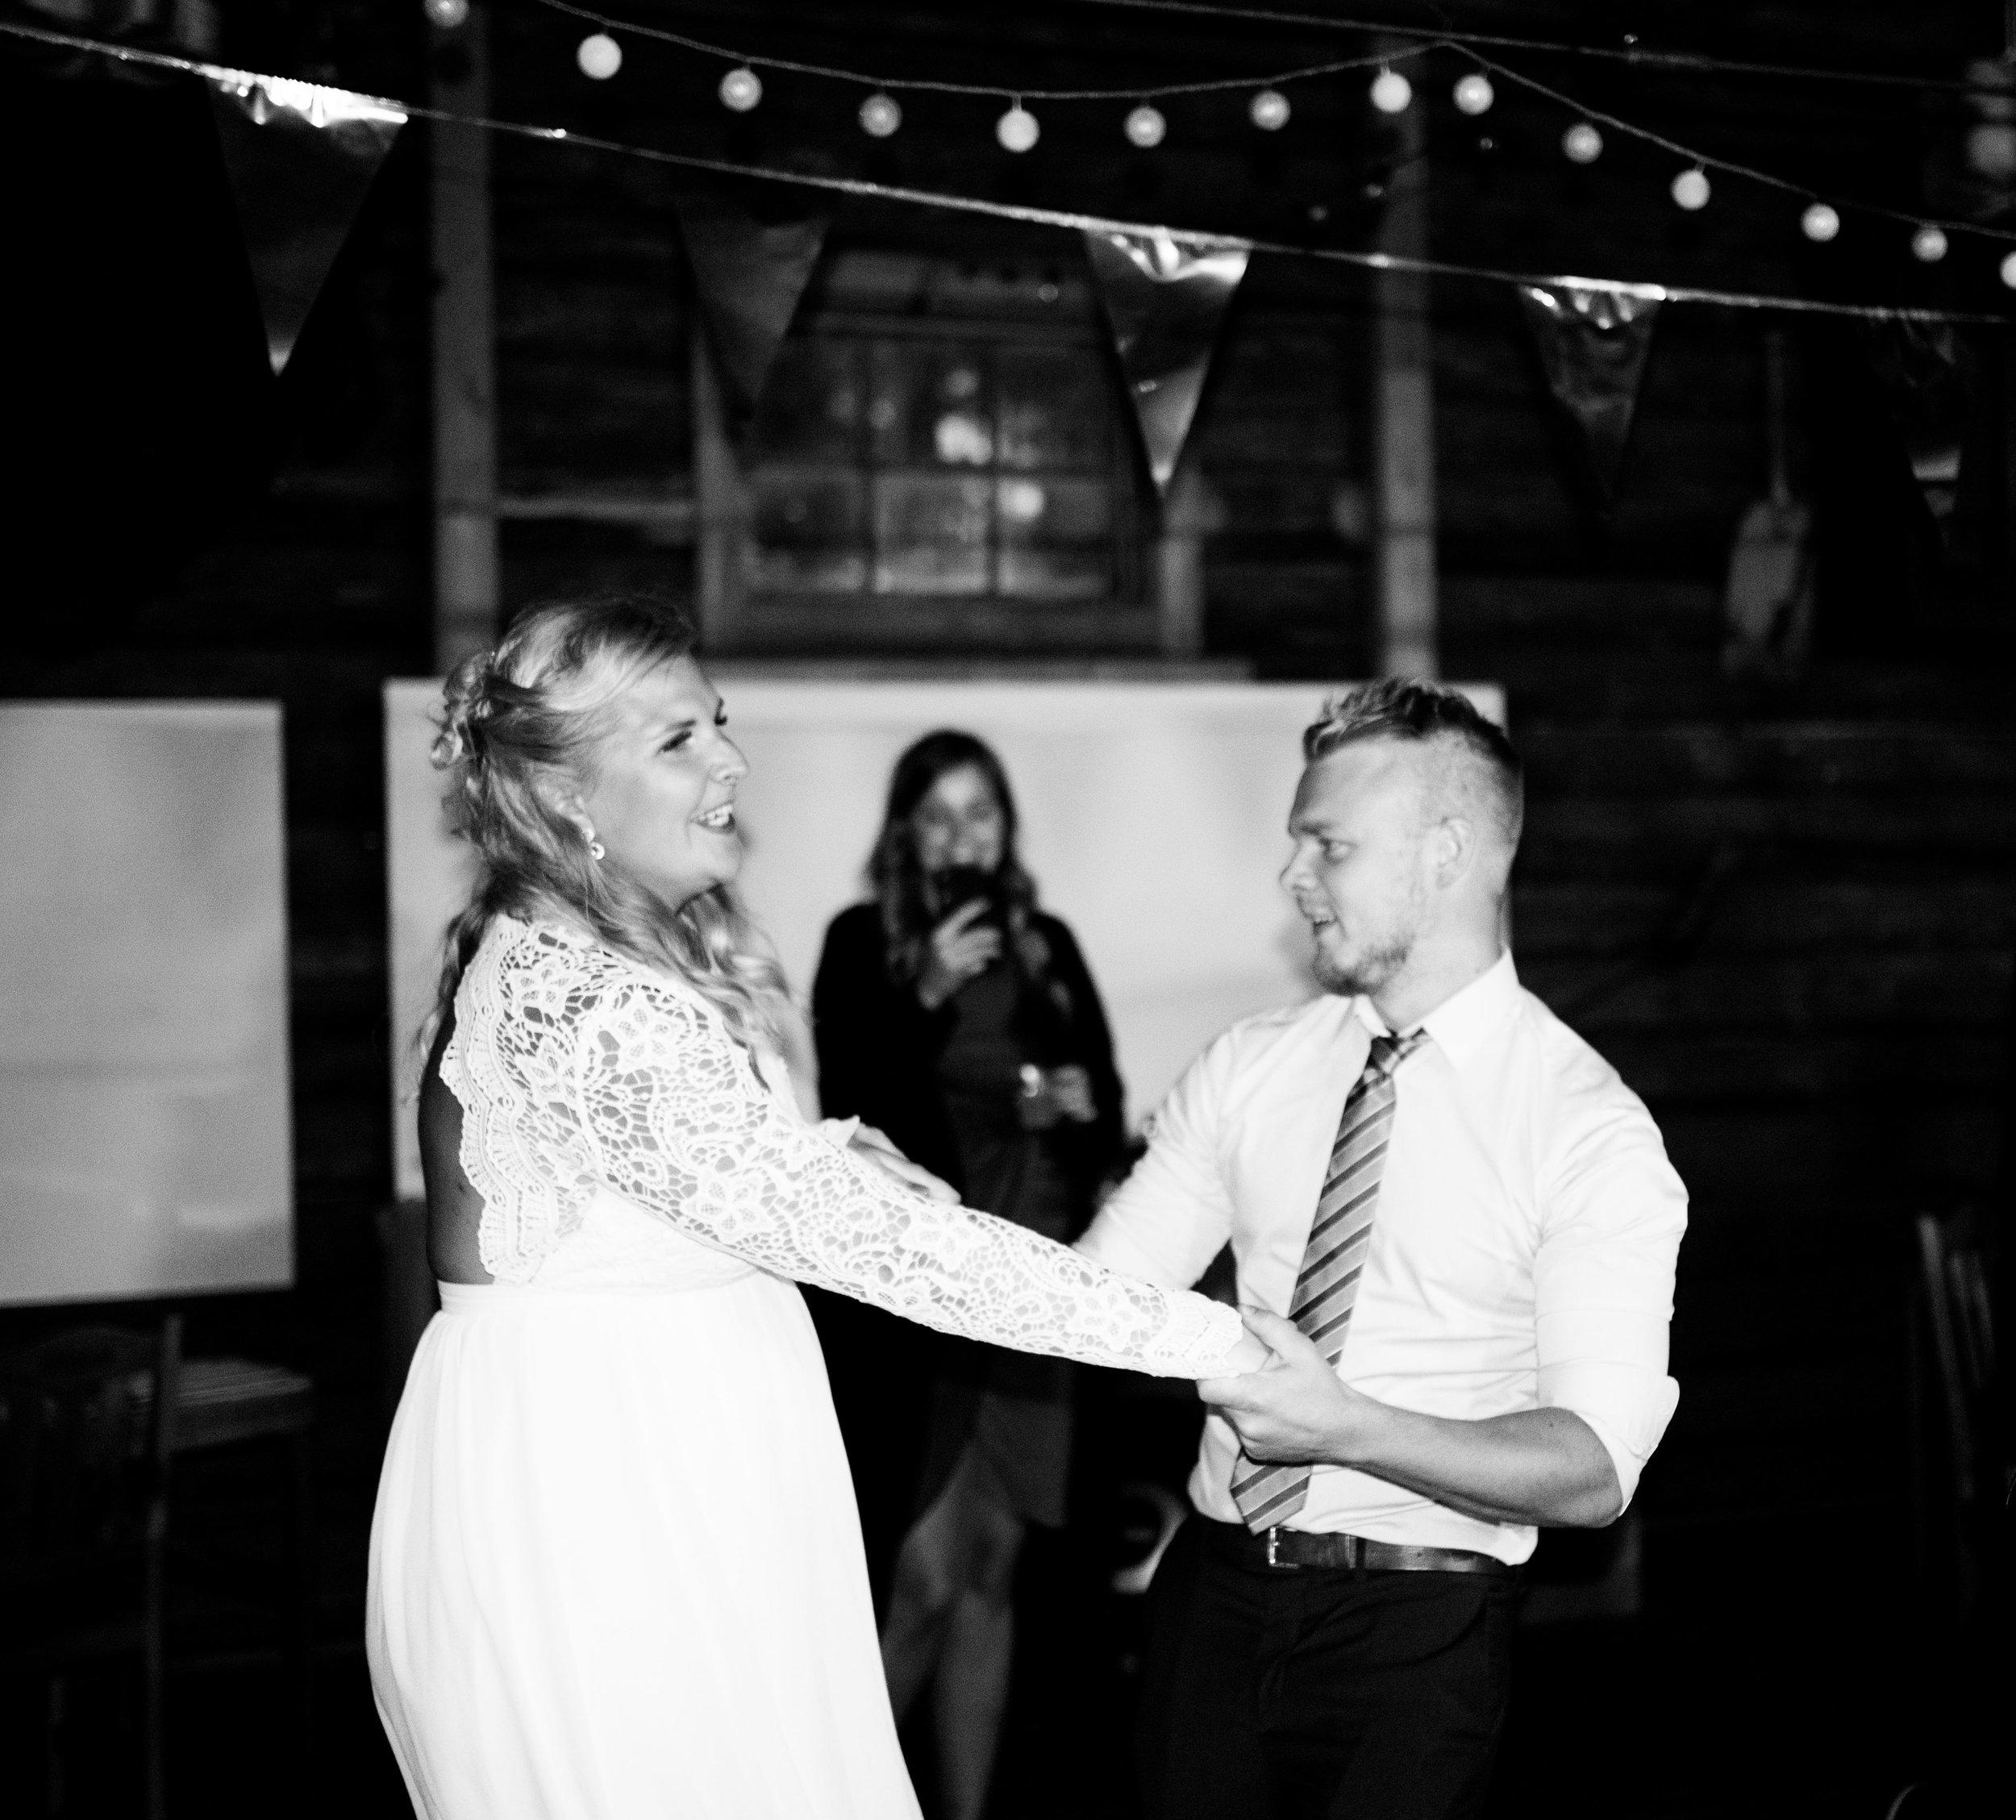 Bröllop2019lågkvall2-6504-2.jpg